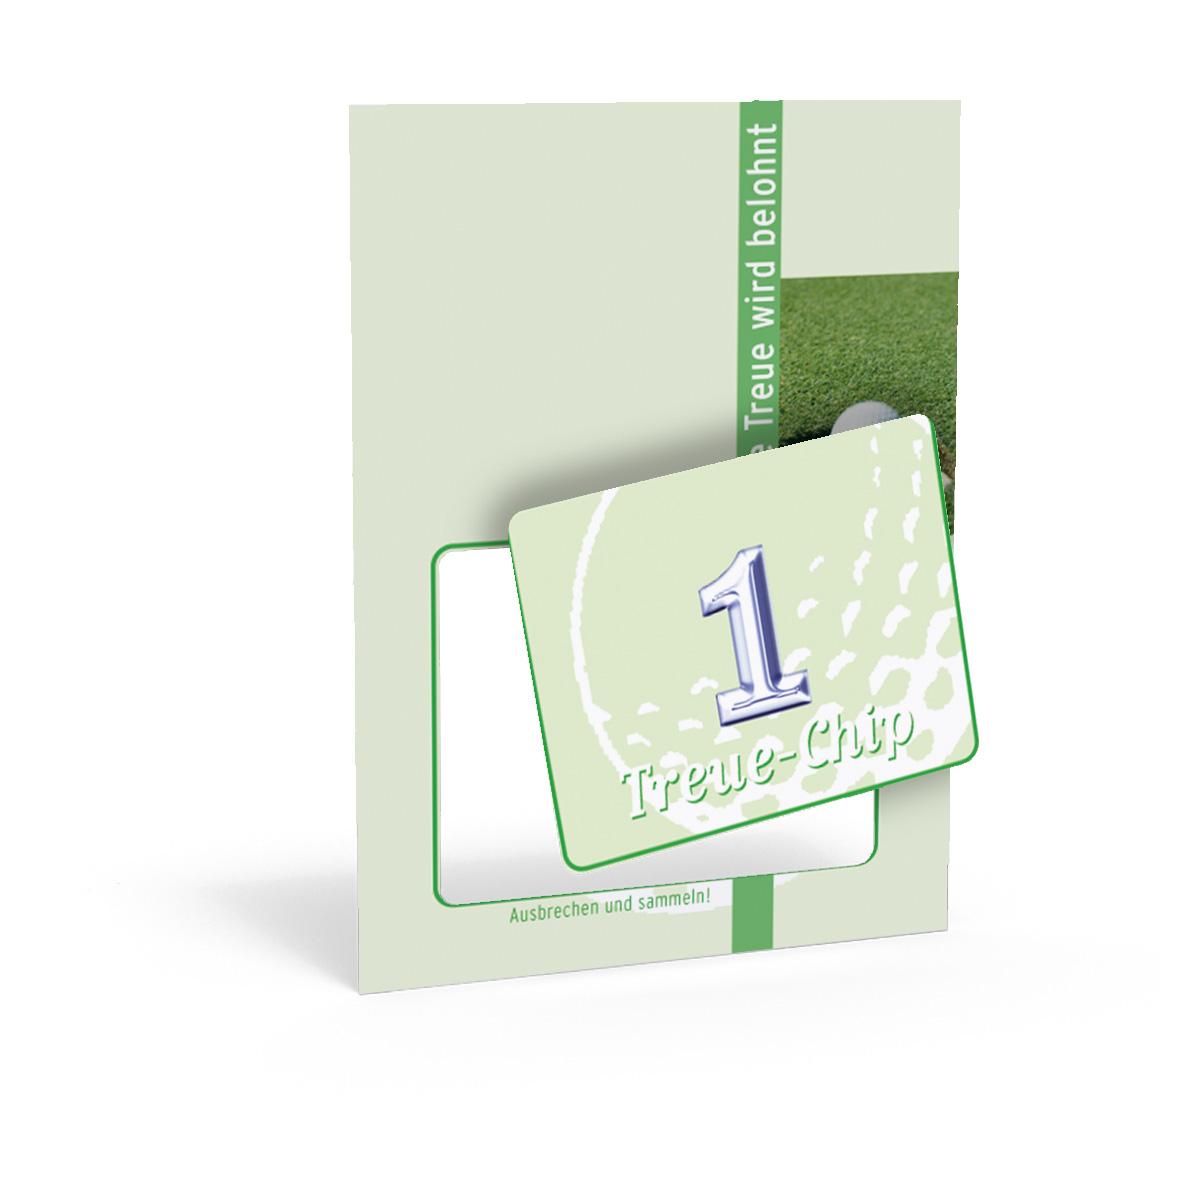 Pythagoras Marketing Gmbh Golf Chip Green Geschenkgutscheine Visitenkarten Kundenkarten Und Weitere Treuesysteme